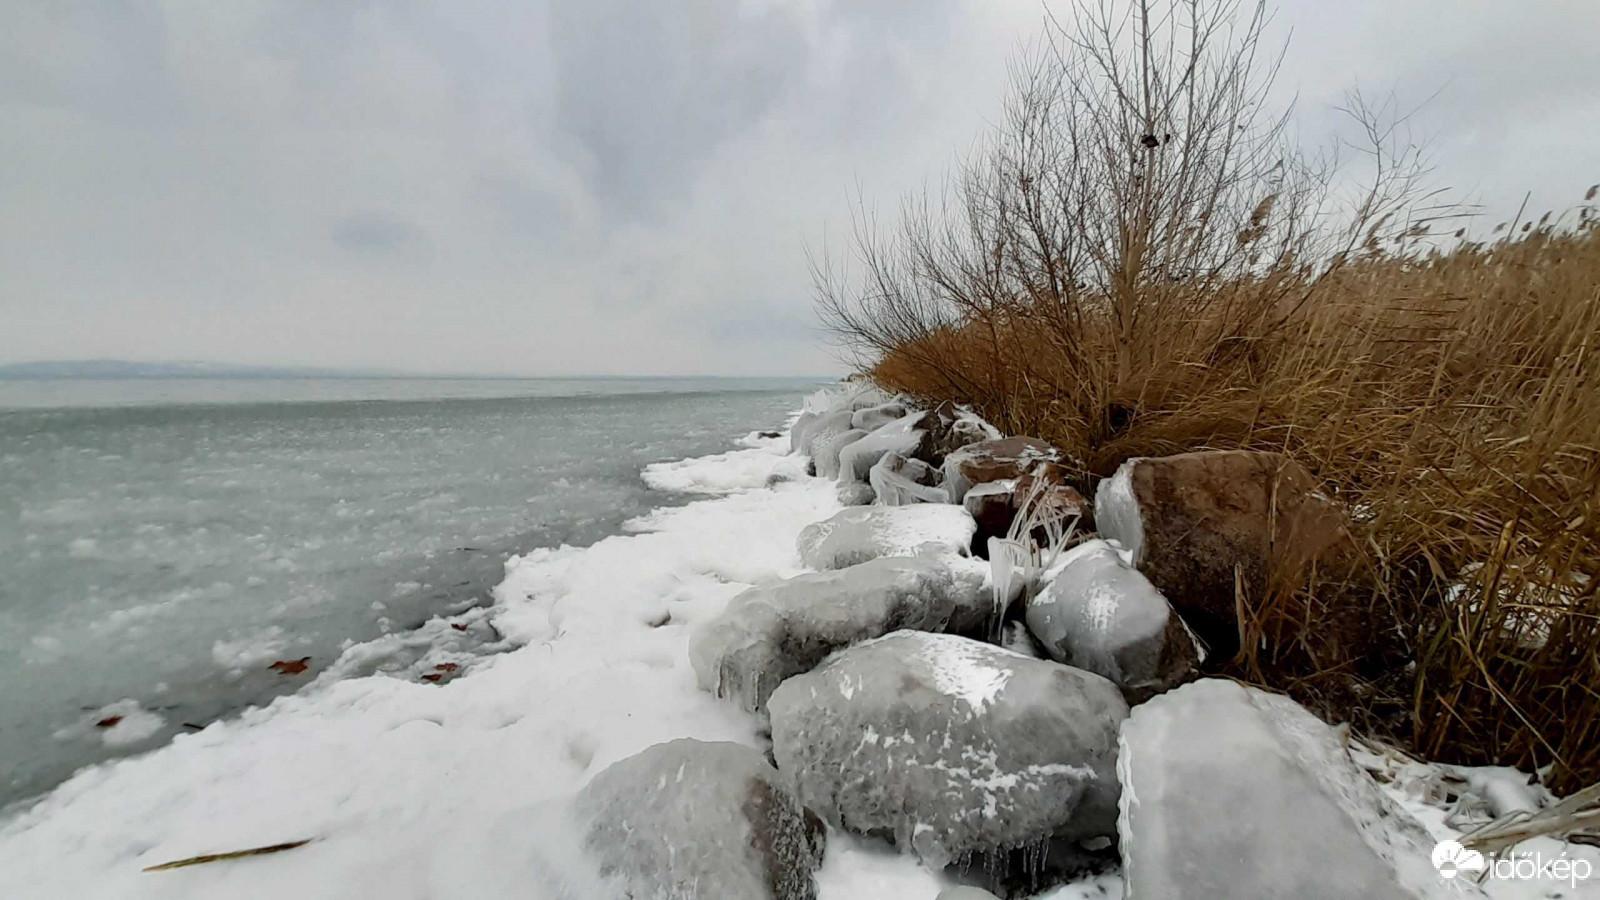 Elkezdett befagyni a Balaton a hideg időben